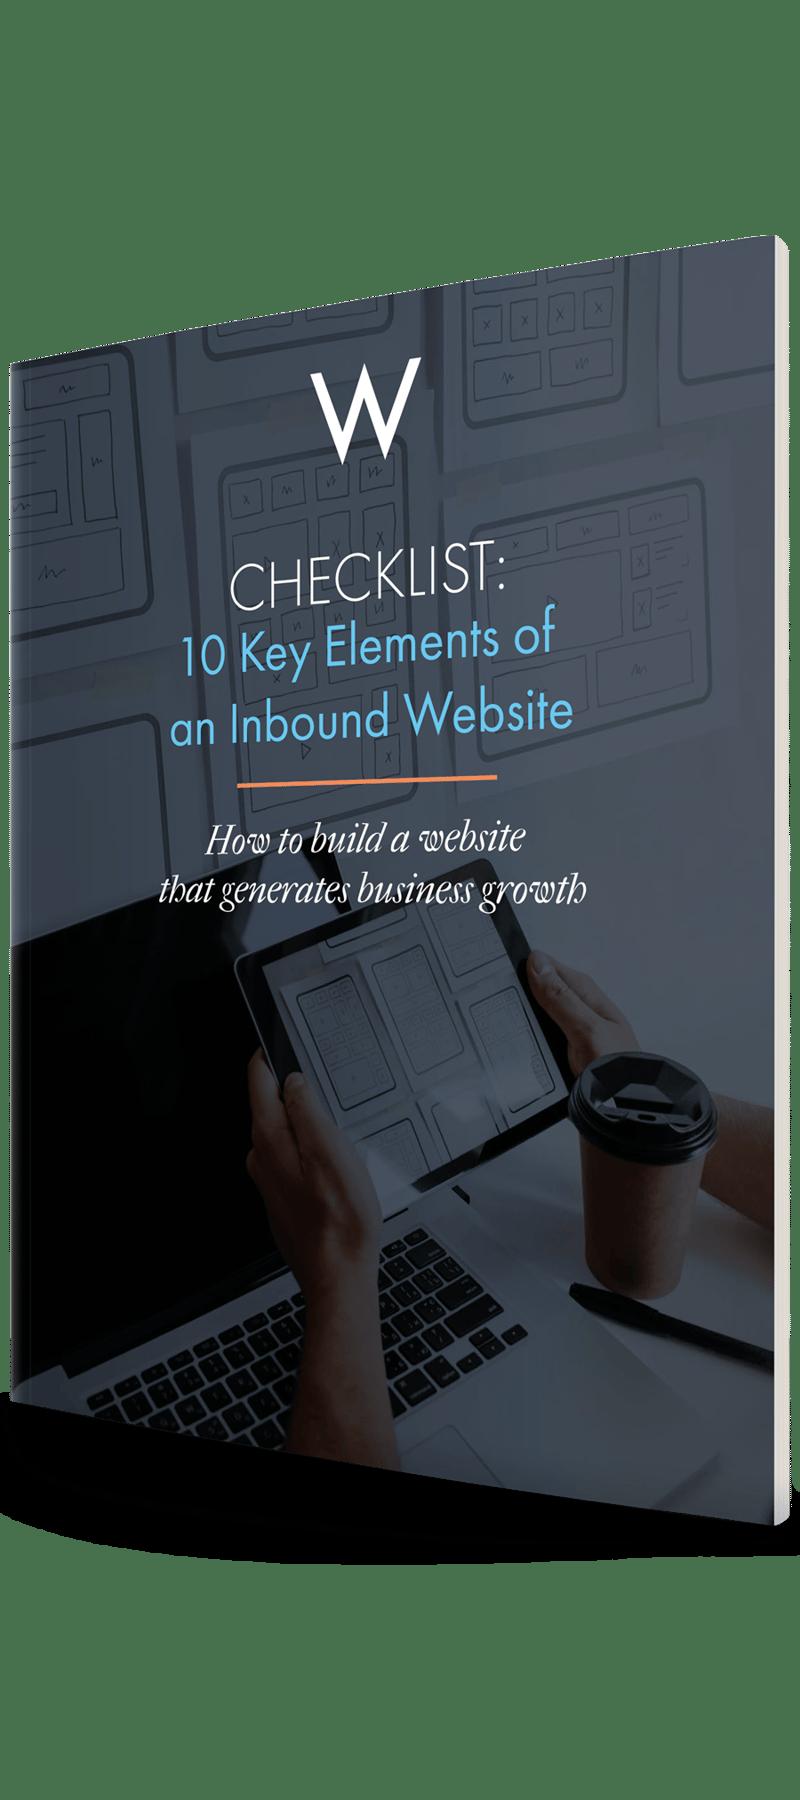 Checklist: Key Elements of an Inbound Website